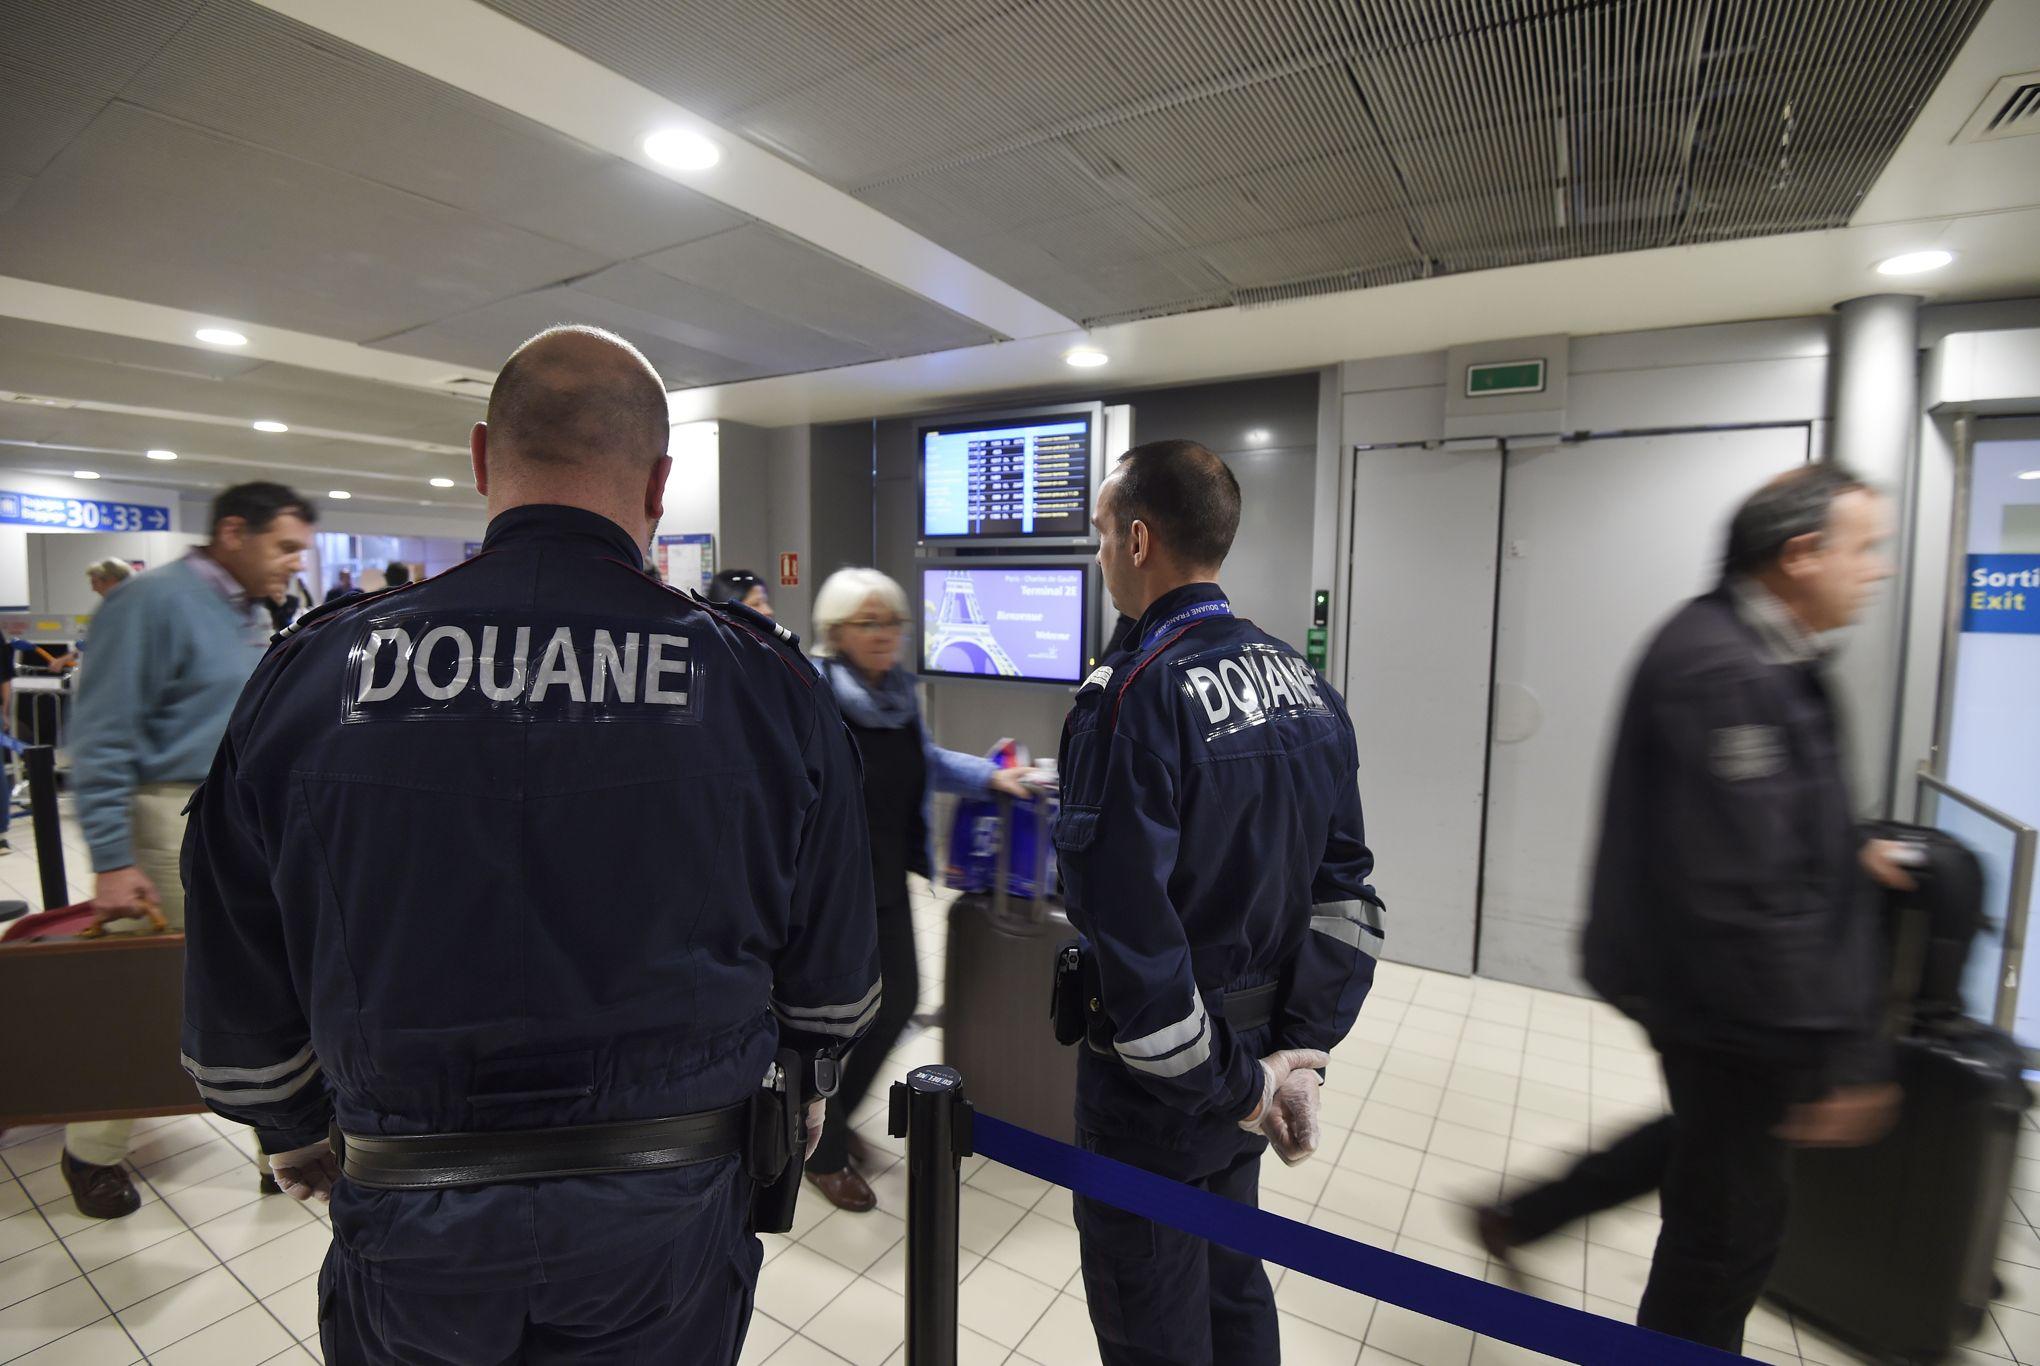 La tour de contrôle et le bureau des douanes du nouvel aérodrom de